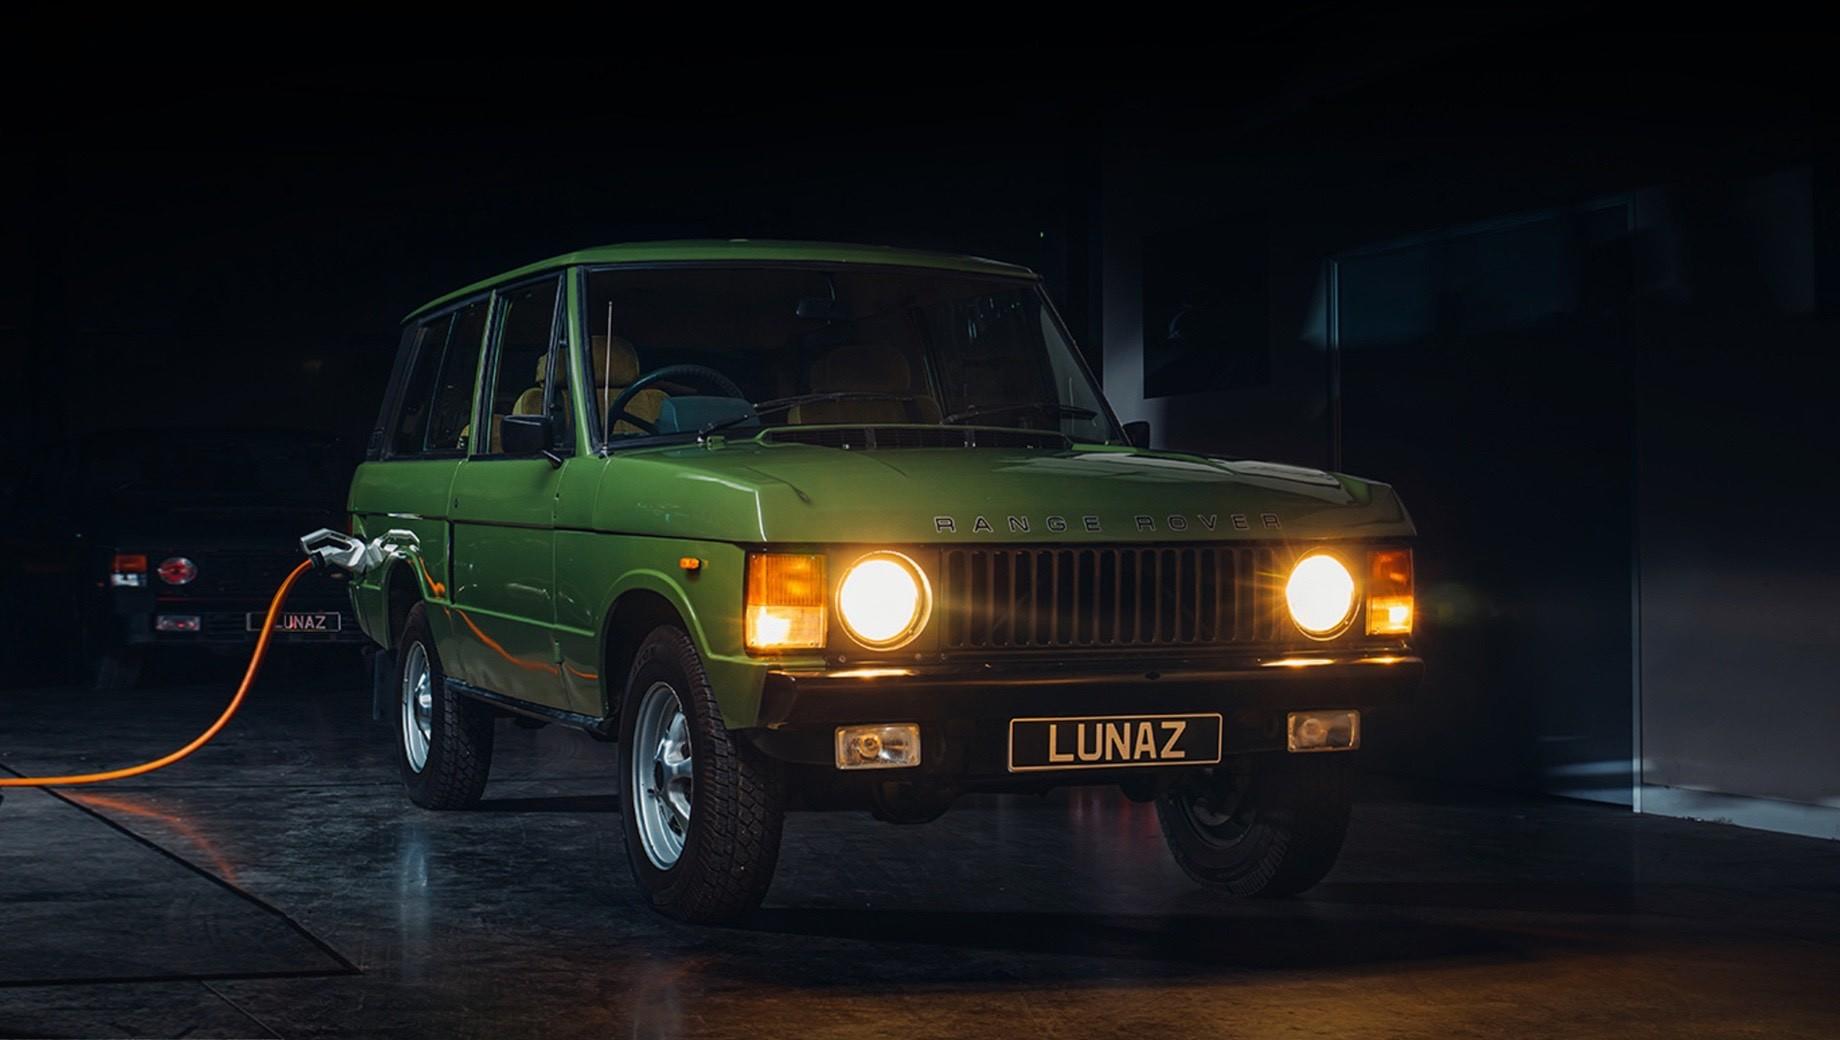 Фирма Lunaz превратила Range Rover Classic в электрокар